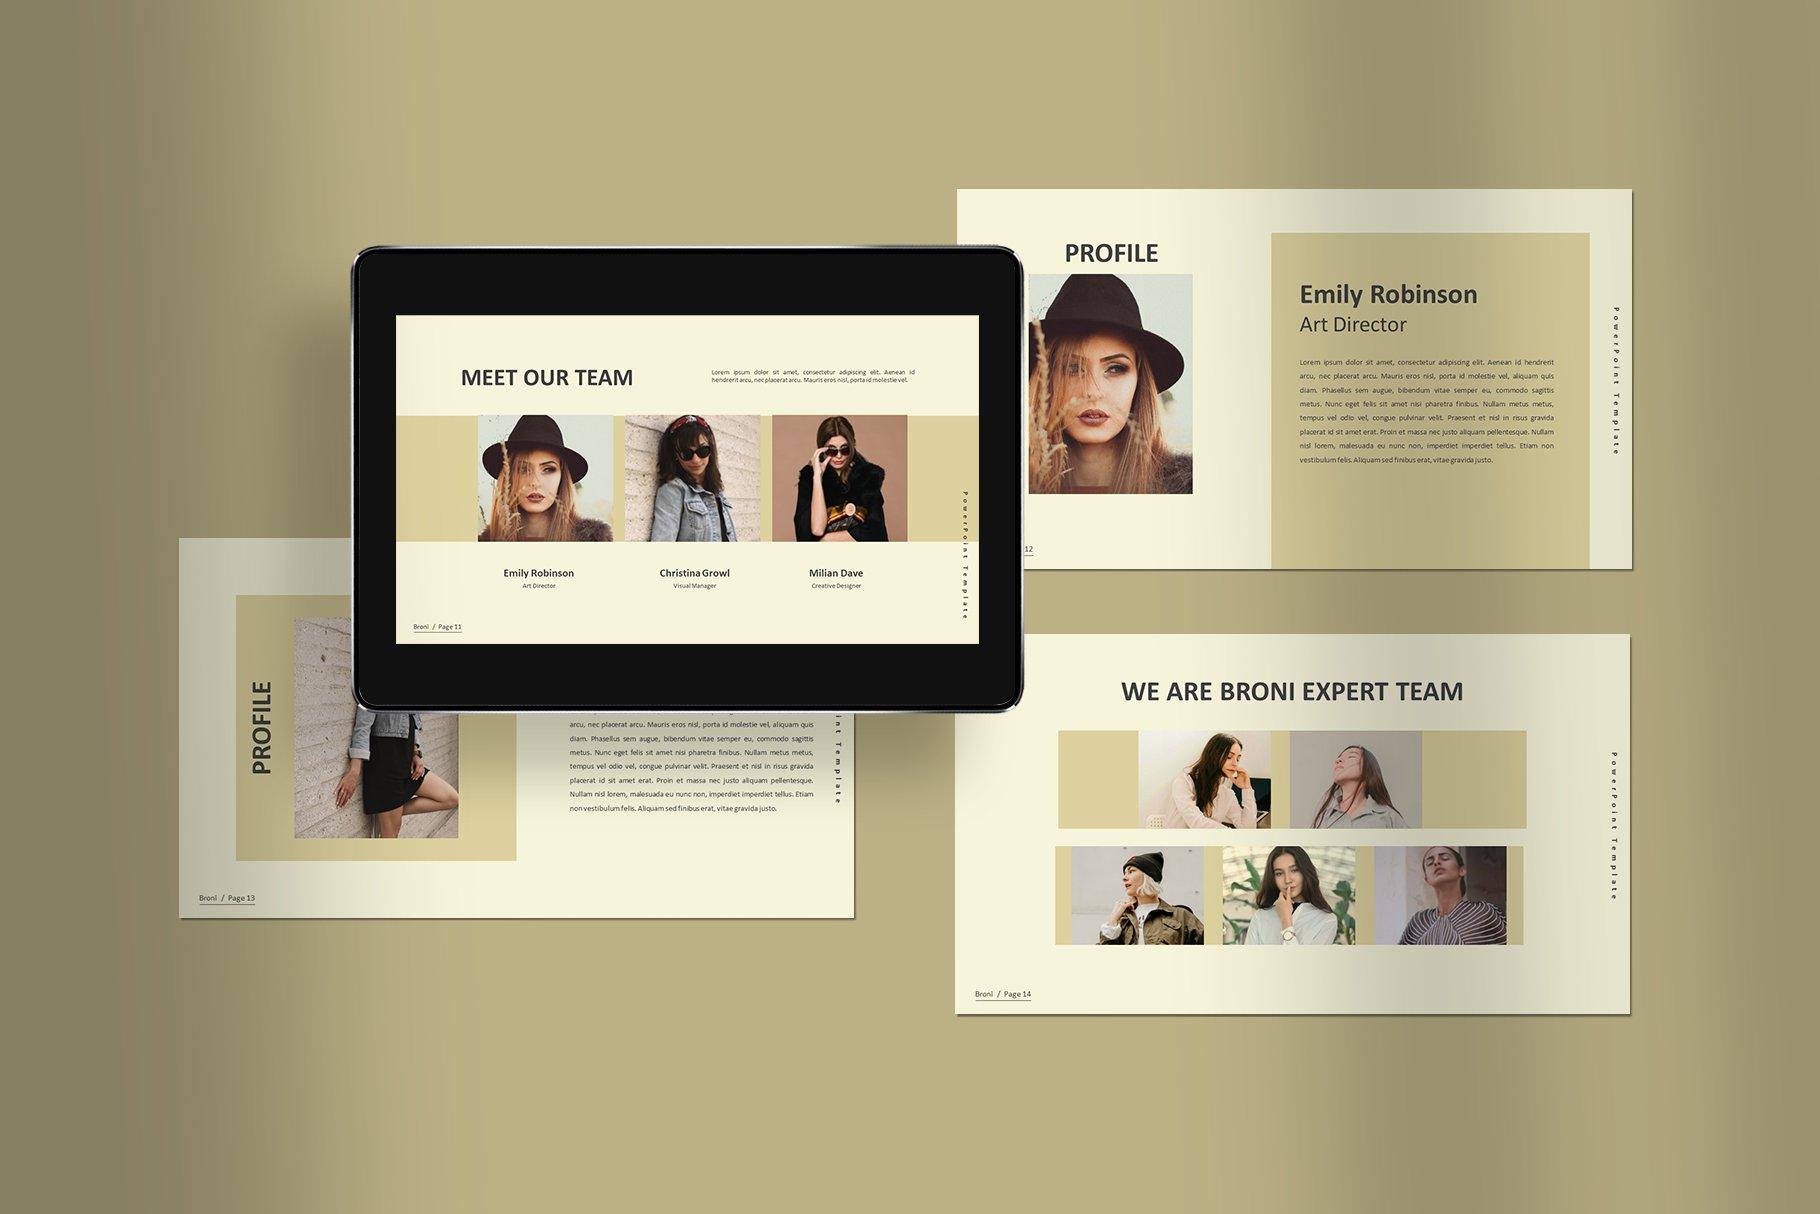 简洁服装摄影作品集图文排版设计PPT幻灯片模板 Broni – Minimalist Presentation插图(3)